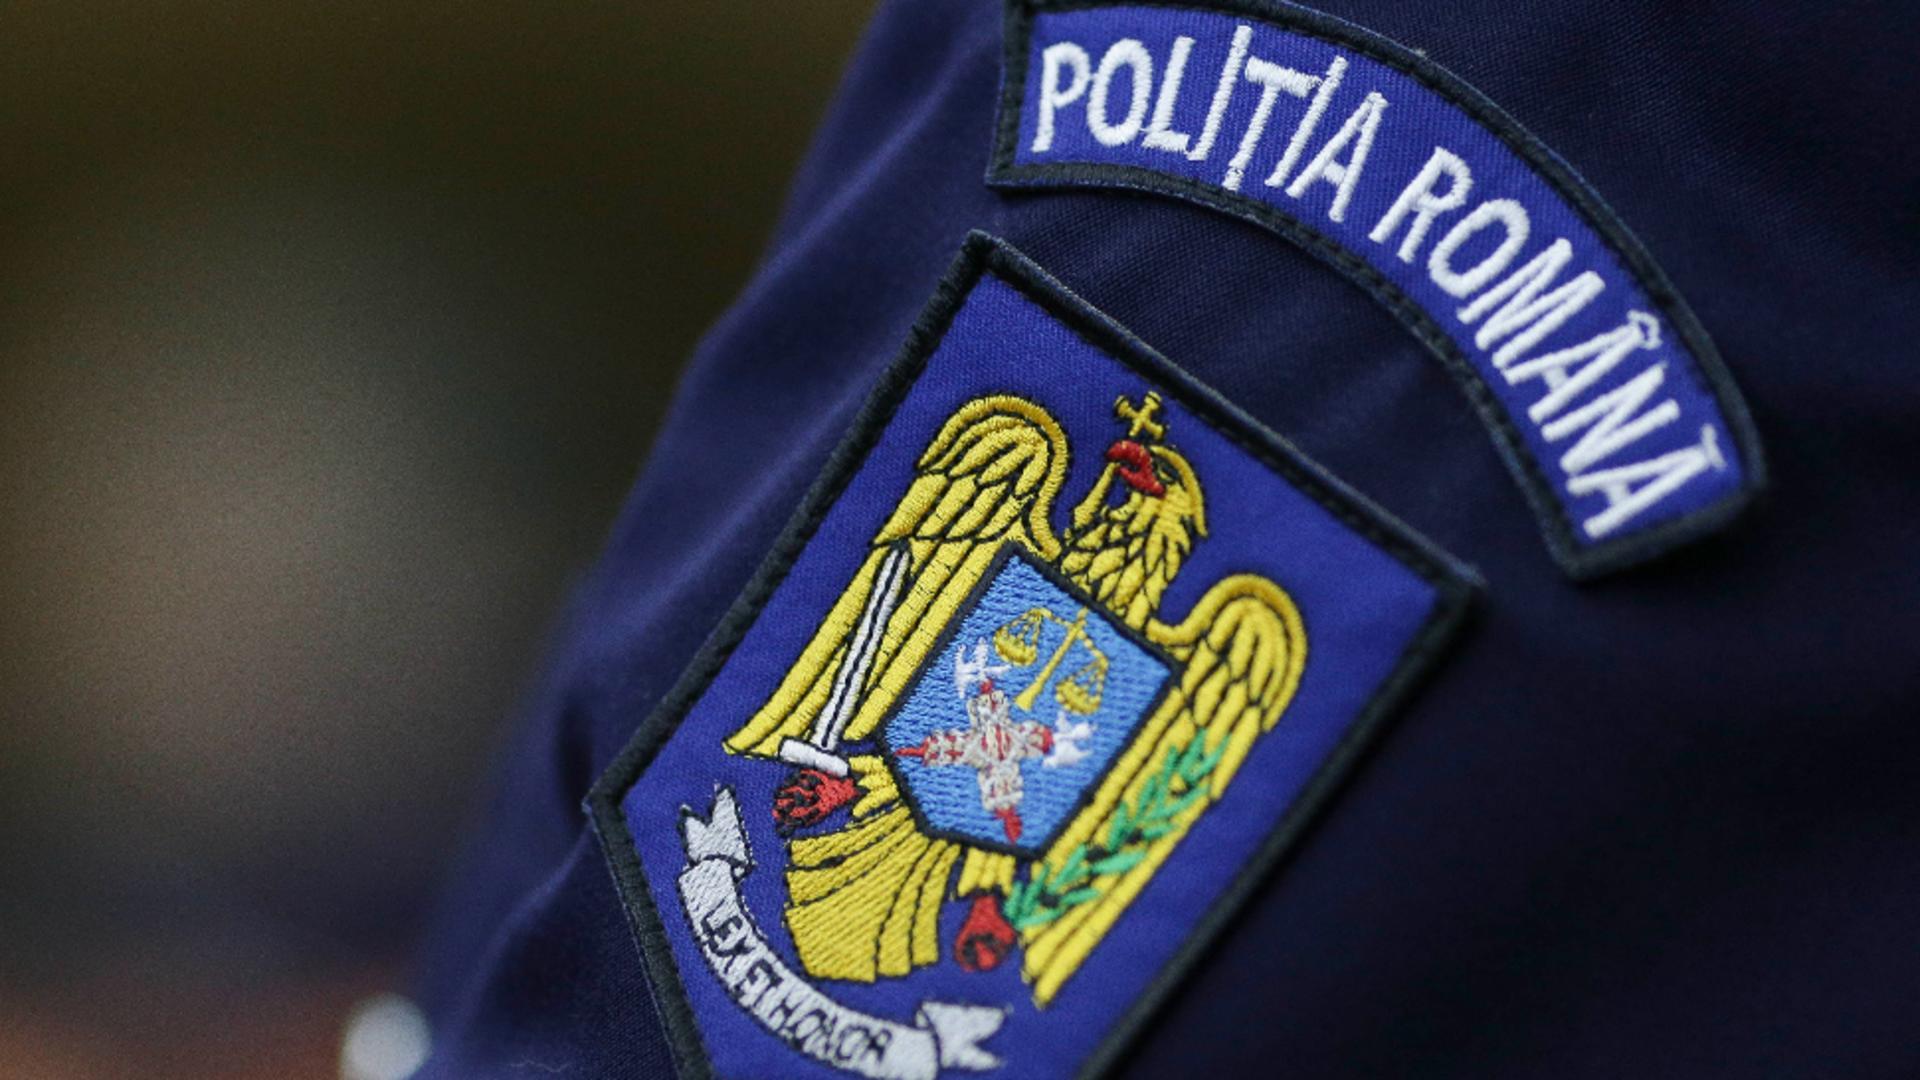 Se schimbă uniformele polițiștilor și jandarmilor! Foto: INQUAM/Octav Ganea